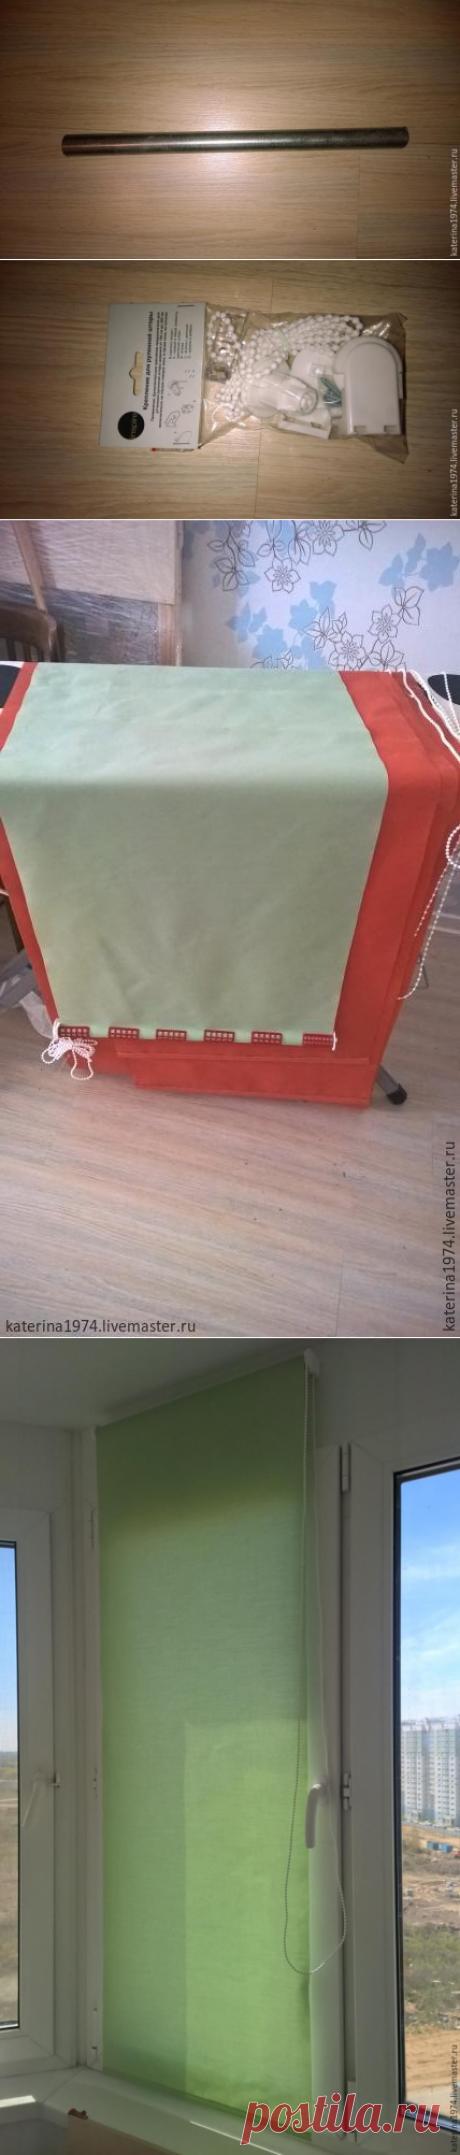 Как сделать рулонные шторы на окна в домашних условиях - Ярмарка Мастеров - ручная работа, handmade